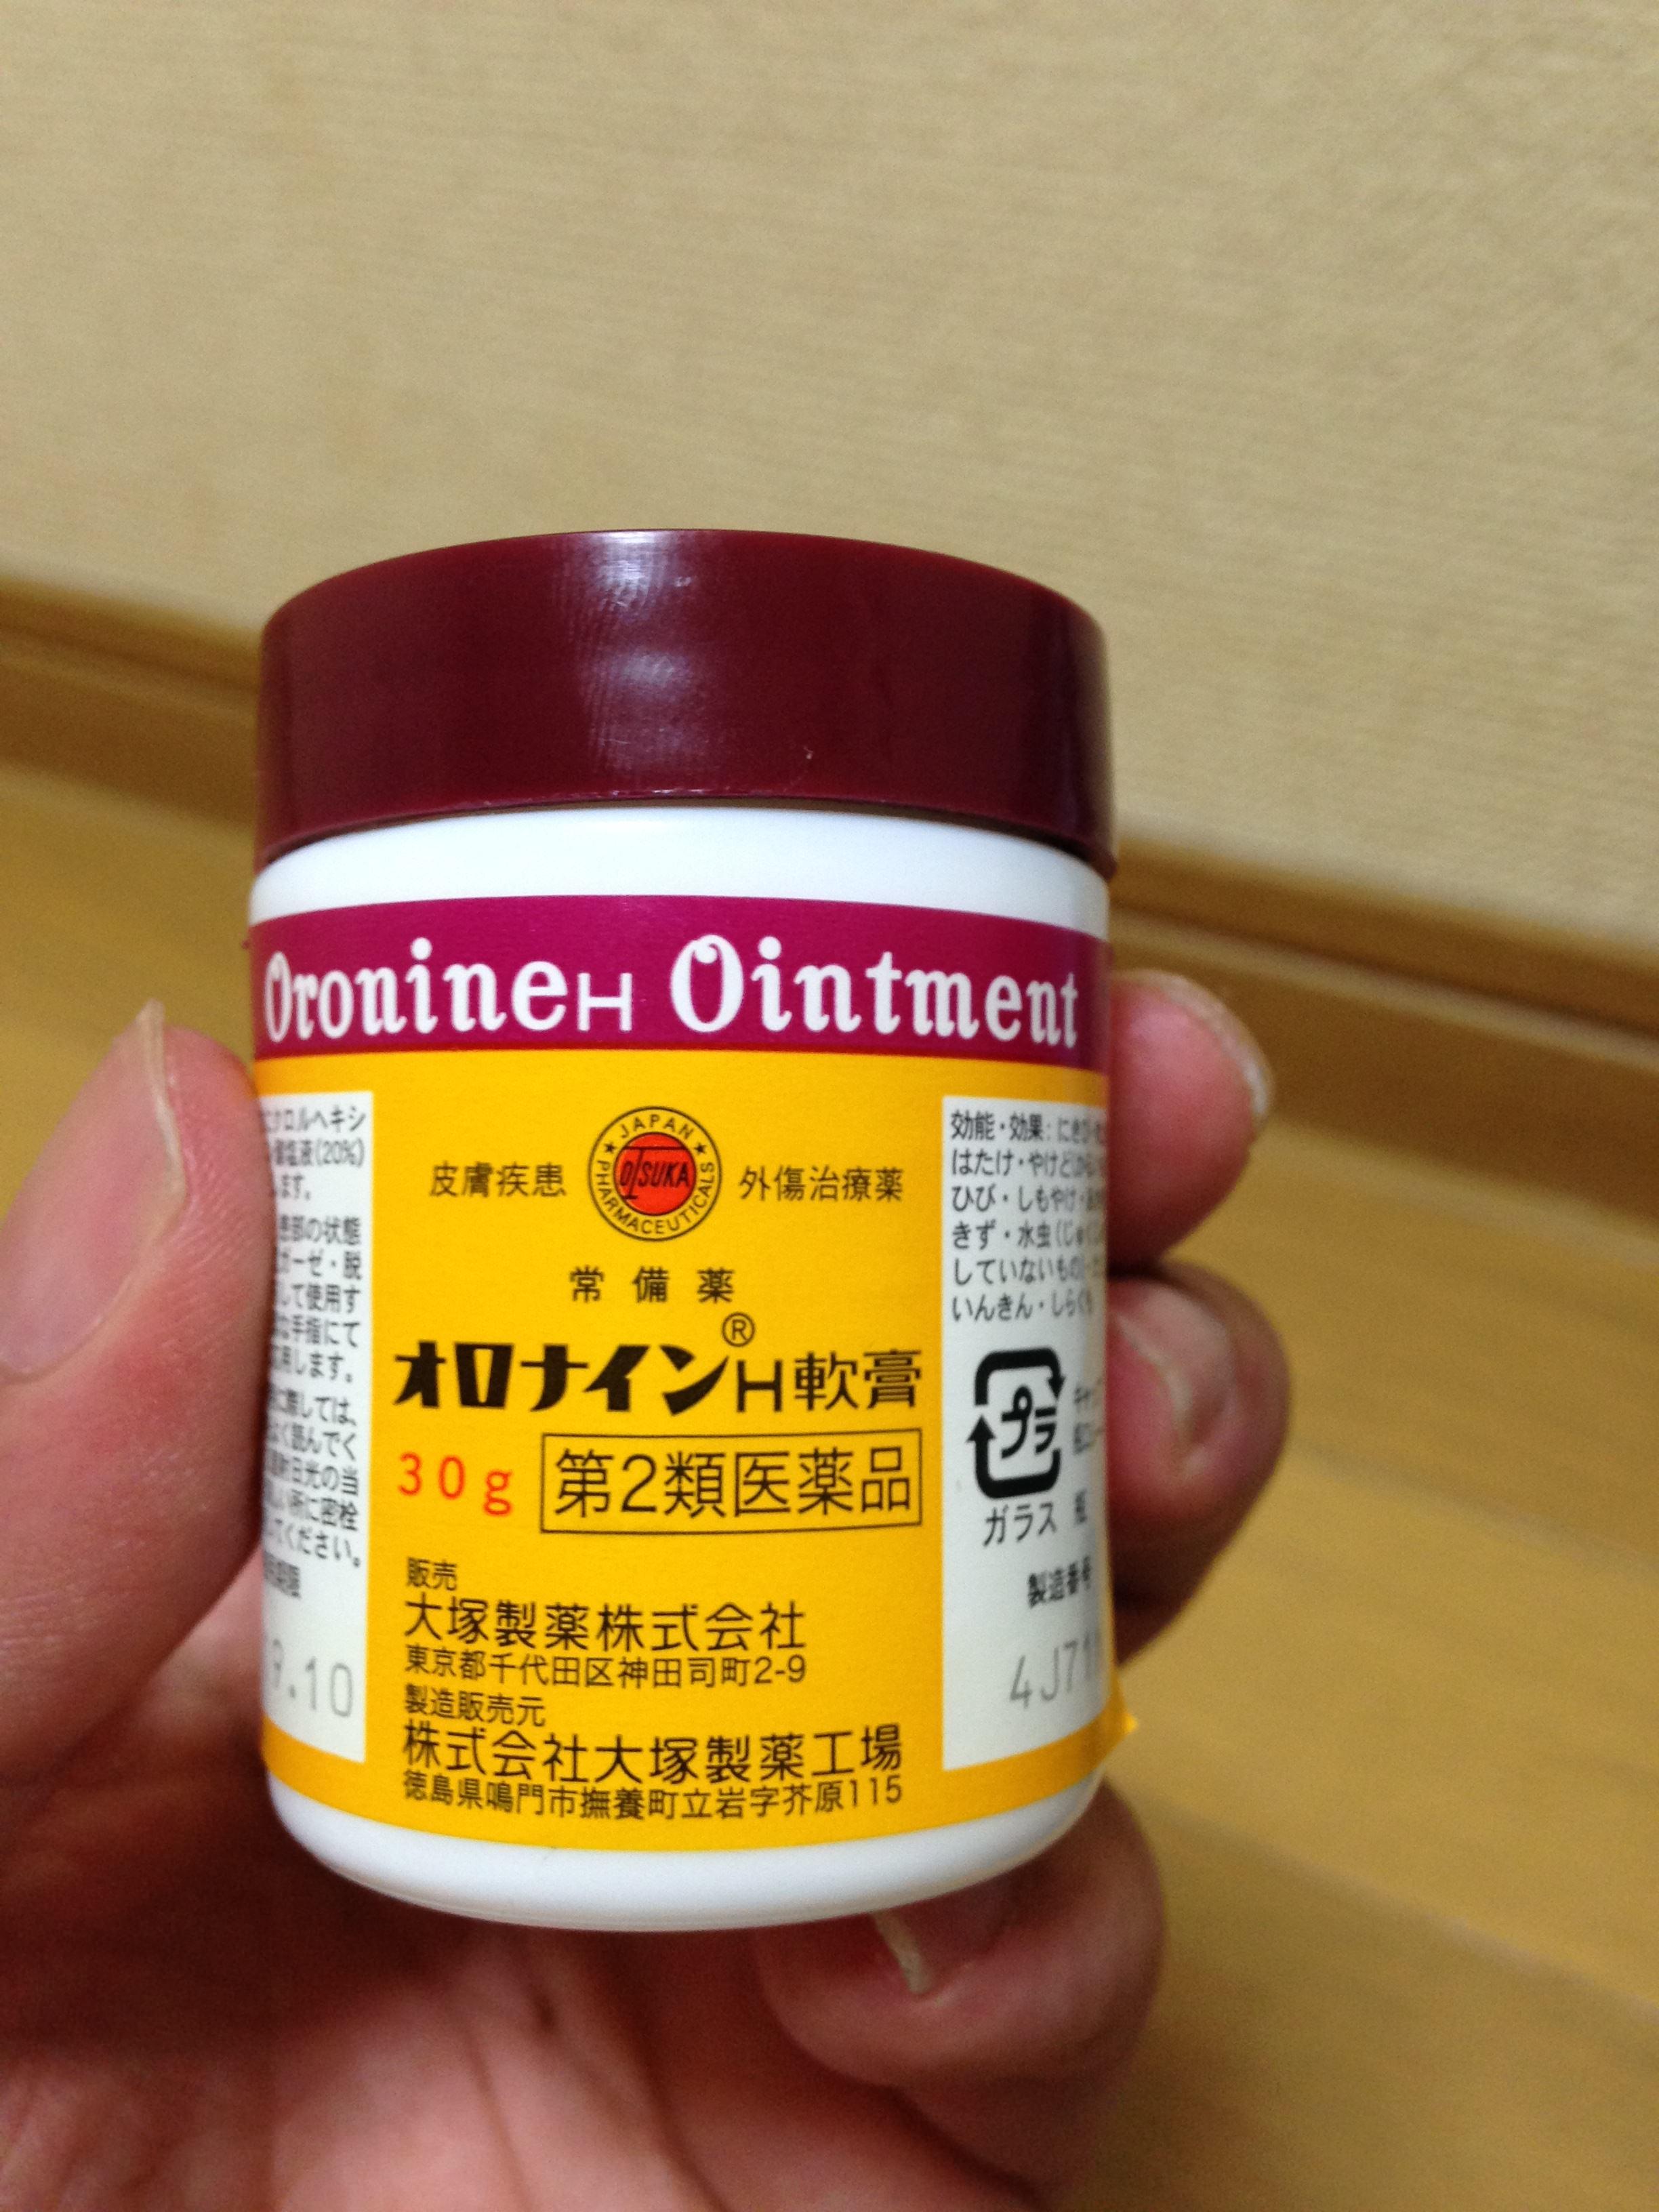 チン ちん 痒い オロナイン 「亀頭包皮炎,オロナイン」に関するQ&A - Yahoo!知恵袋